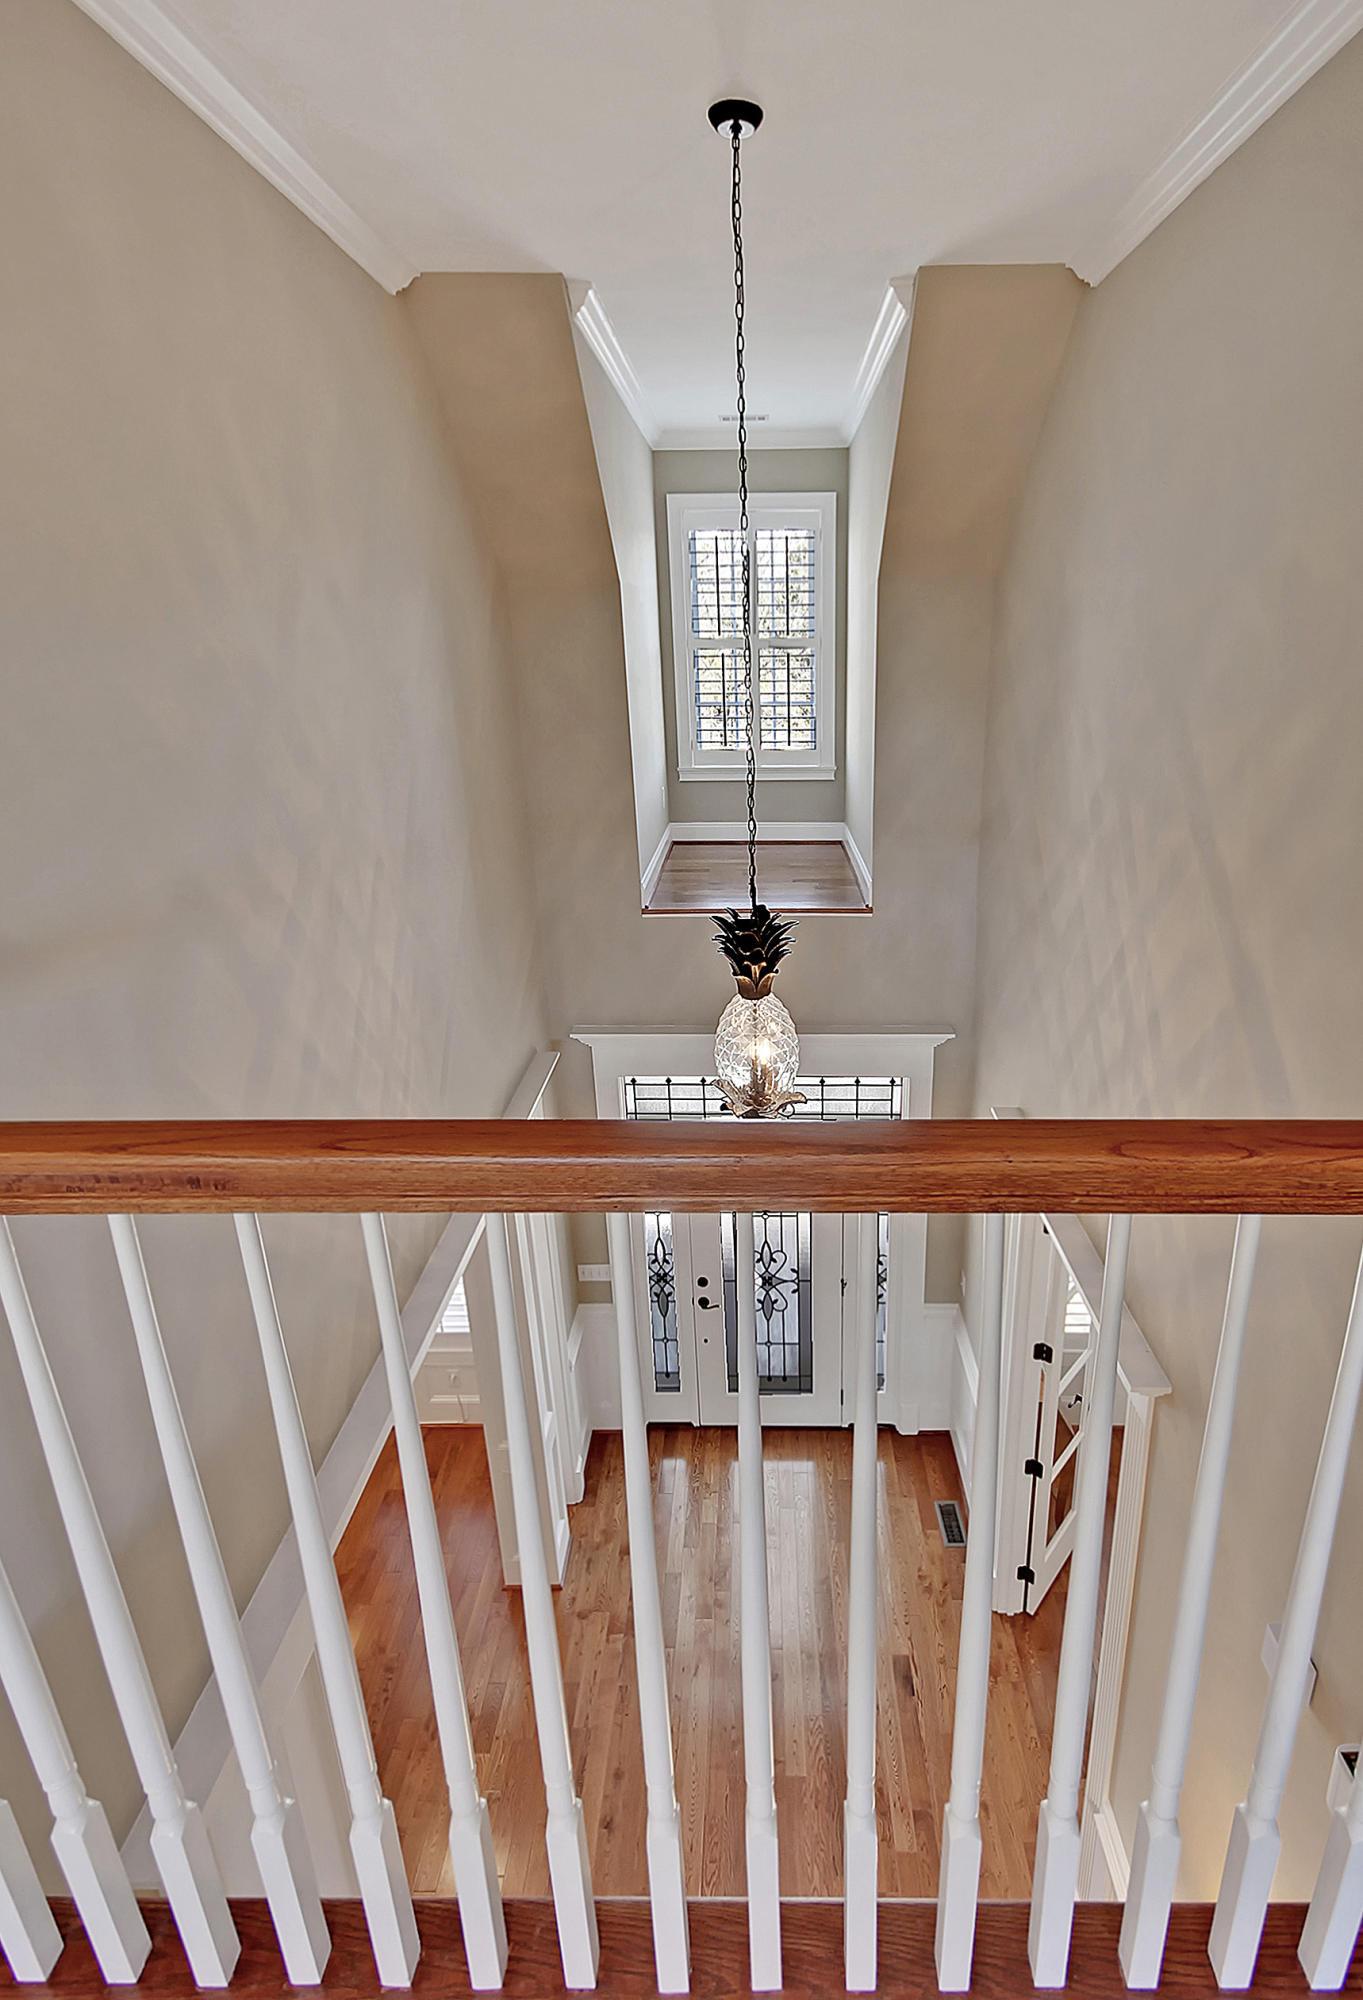 Dunes West Homes For Sale - 2721 Fountainhead, Mount Pleasant, SC - 78